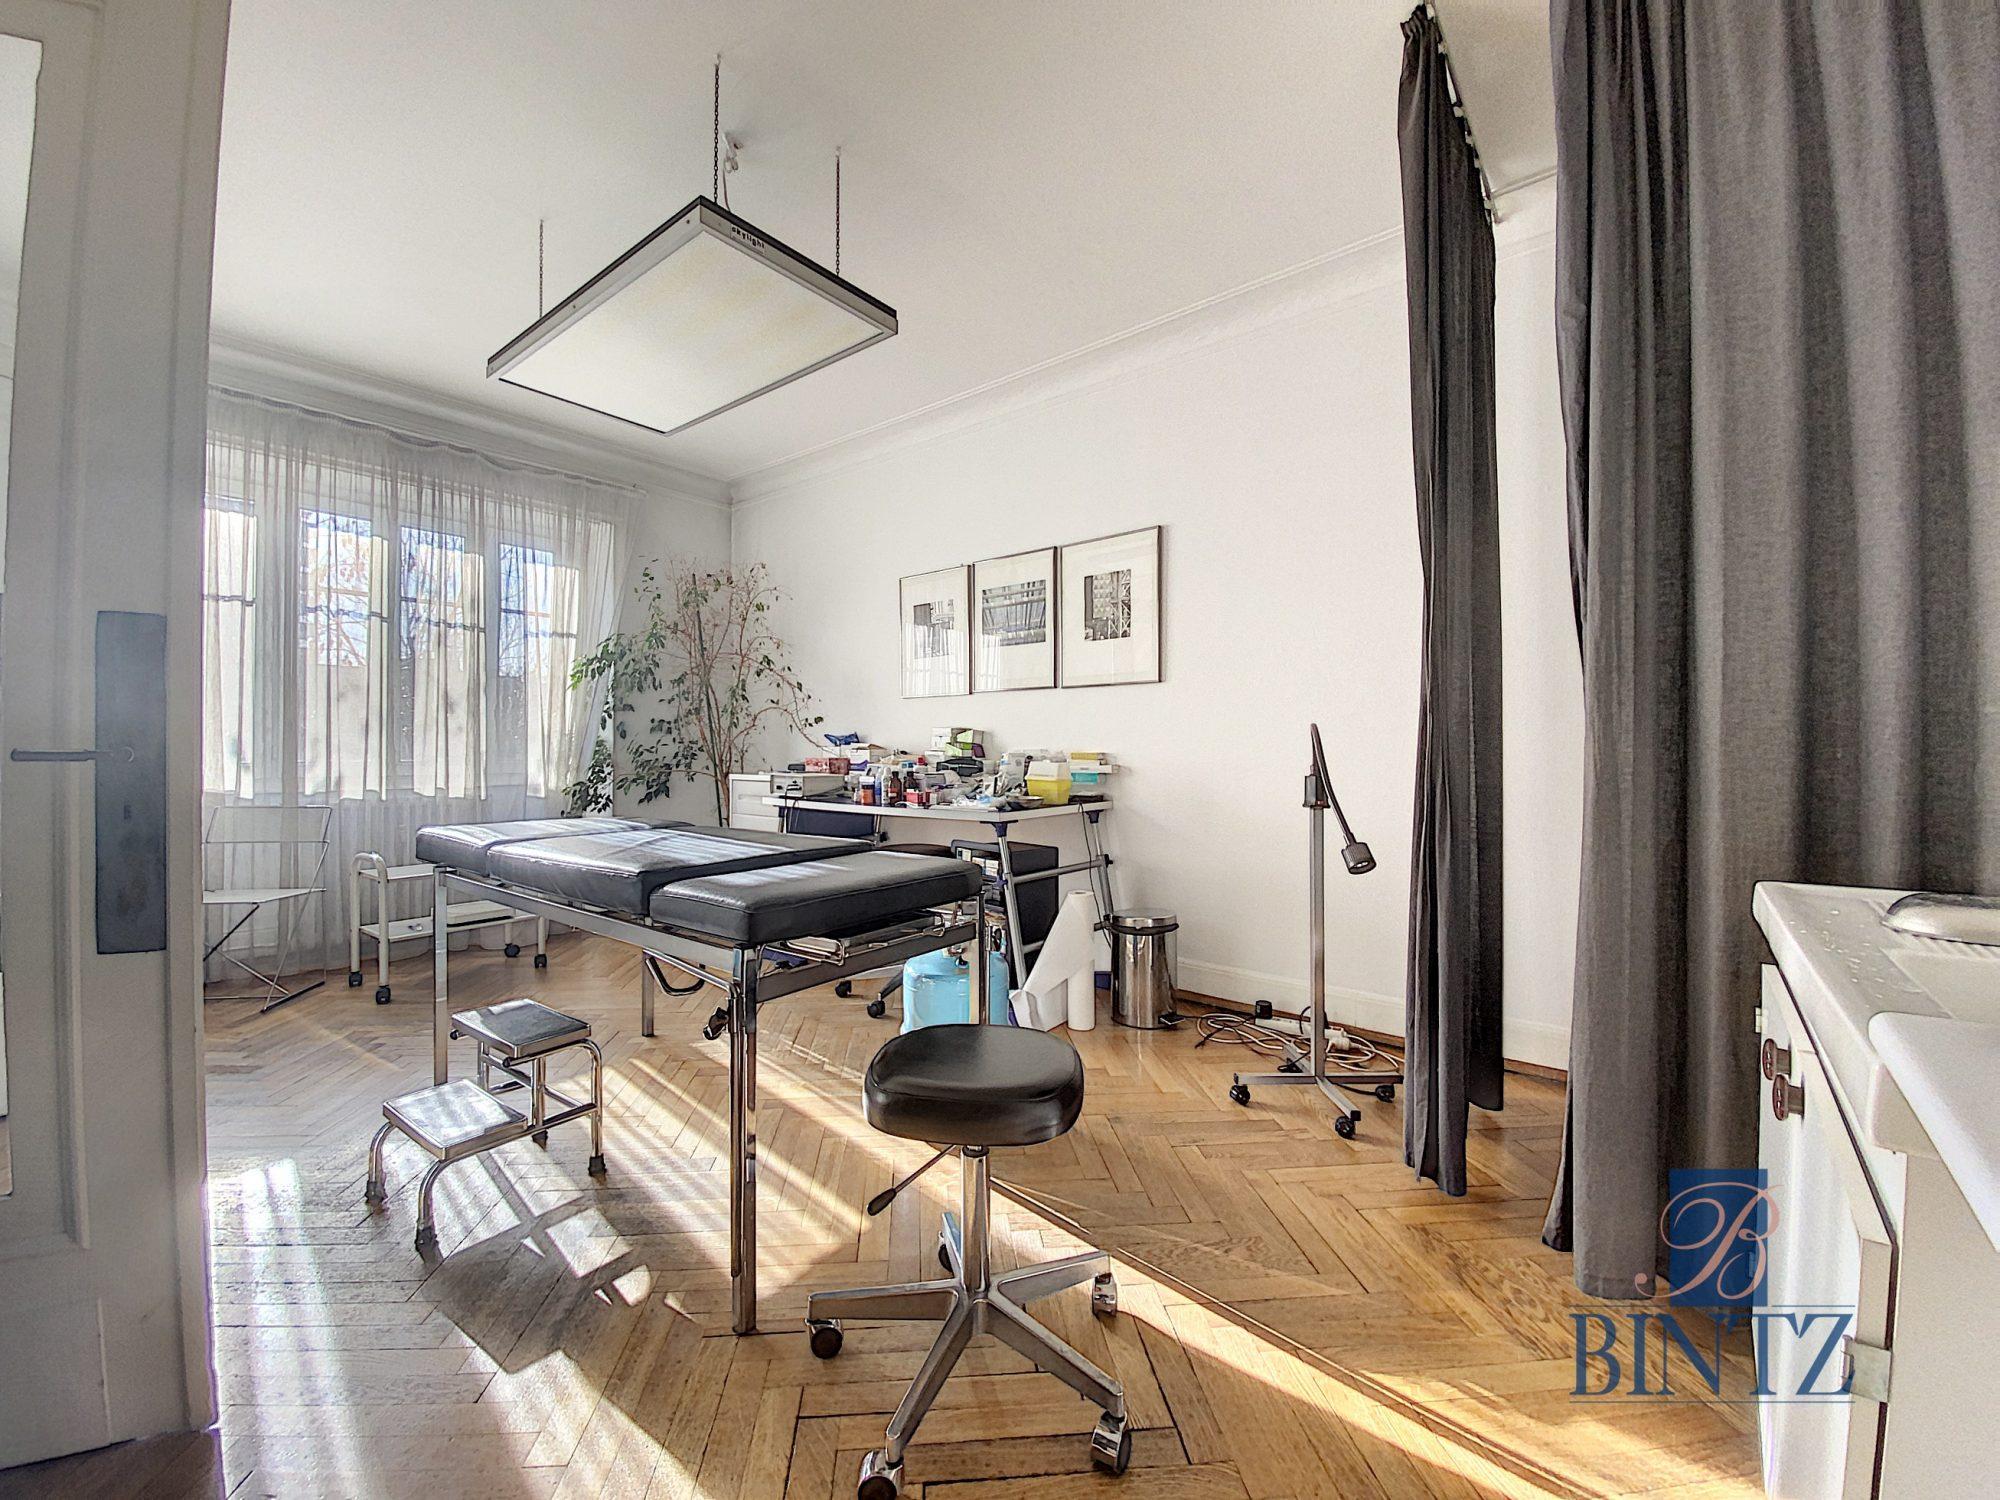 Local professionnel ERP 3 pièces + Salle d'attente - Devenez locataire en toute sérénité - Bintz Immobilier - 5